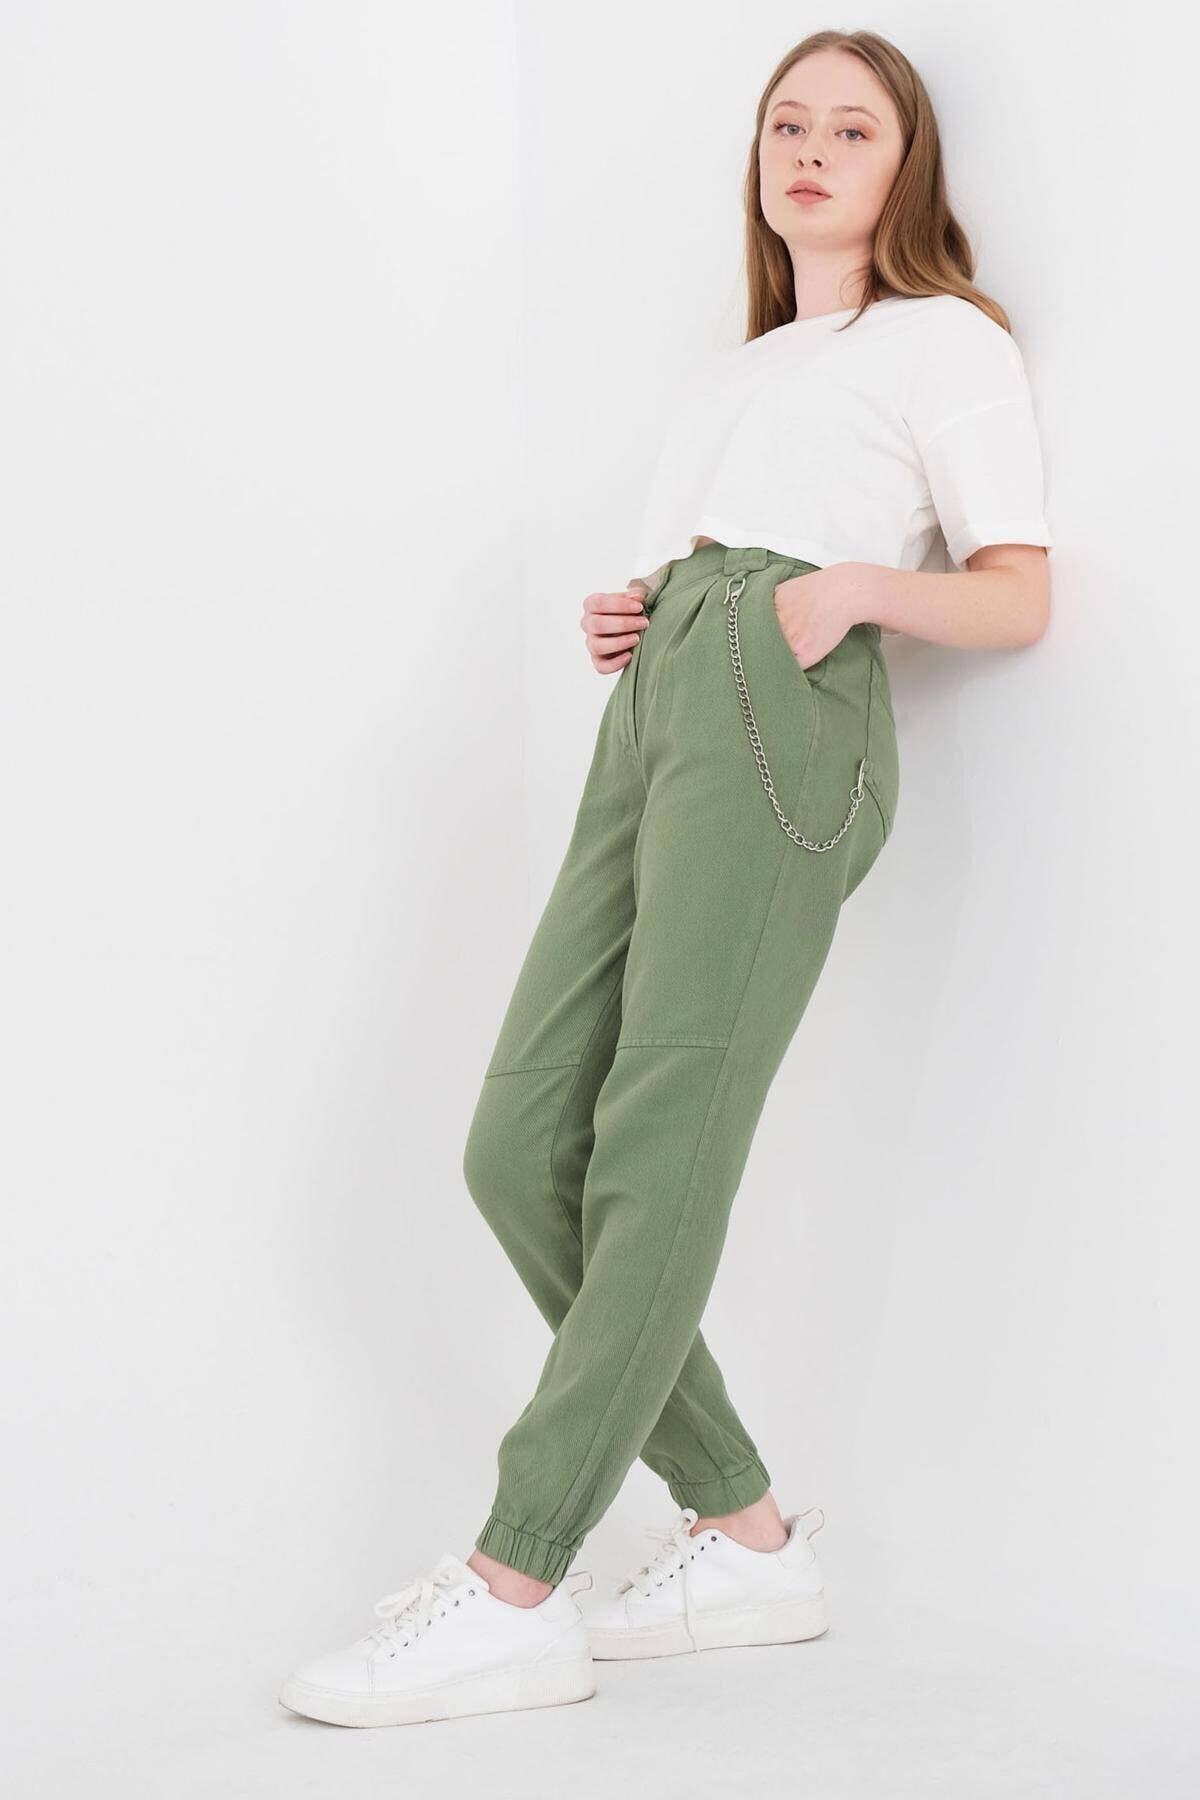 Addax Kadın Yeşil Zincir Detaylı Pantolon Pn01-0073 - S11 Adx-0000024102